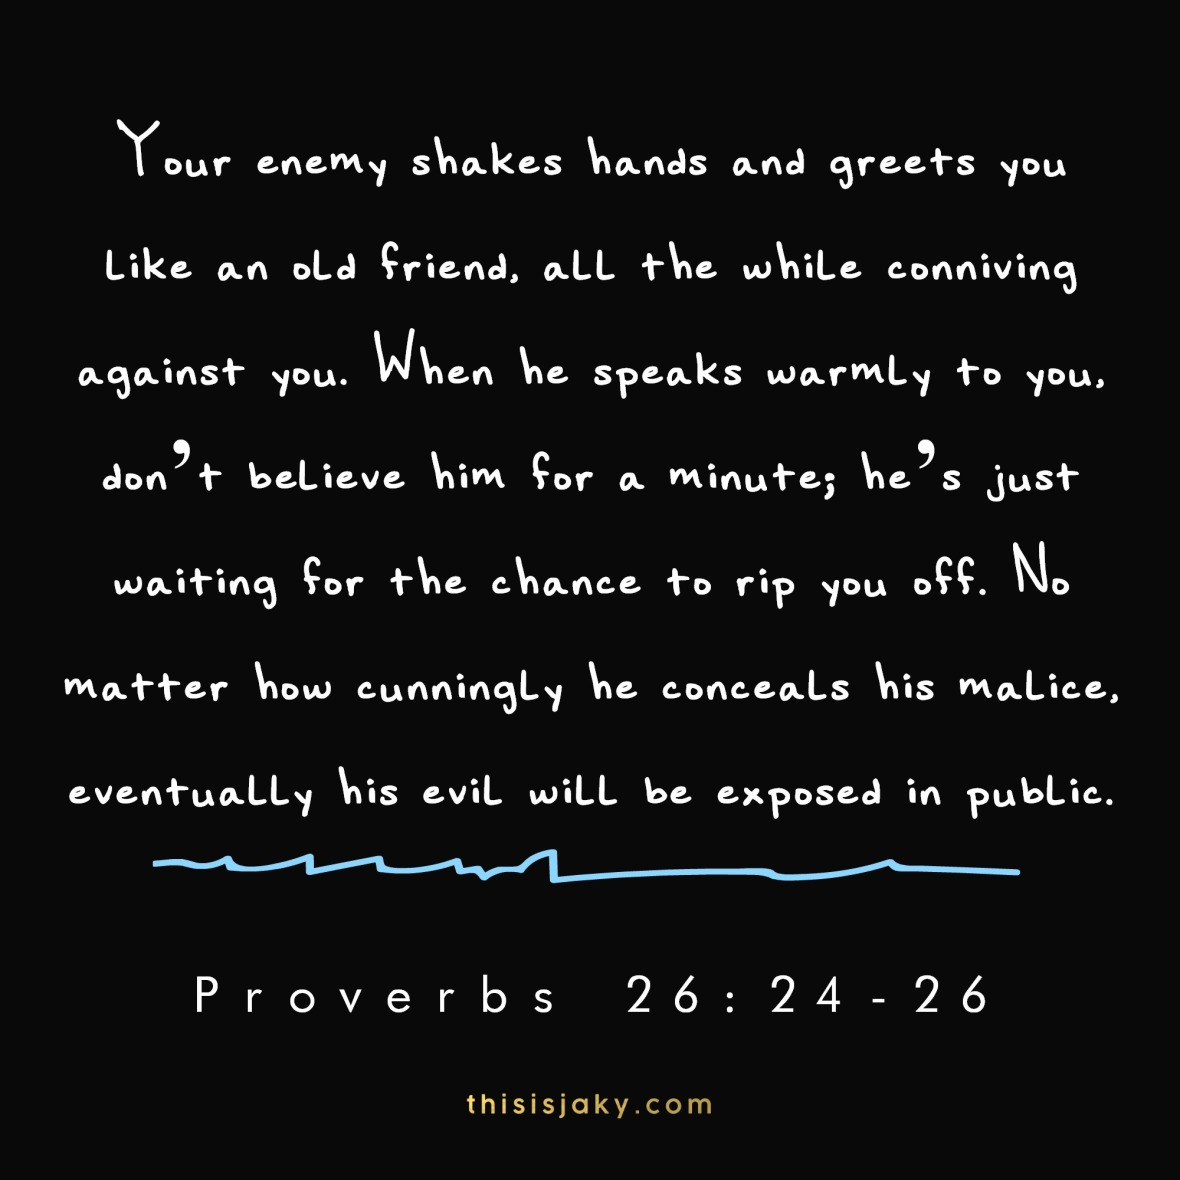 proverbs26